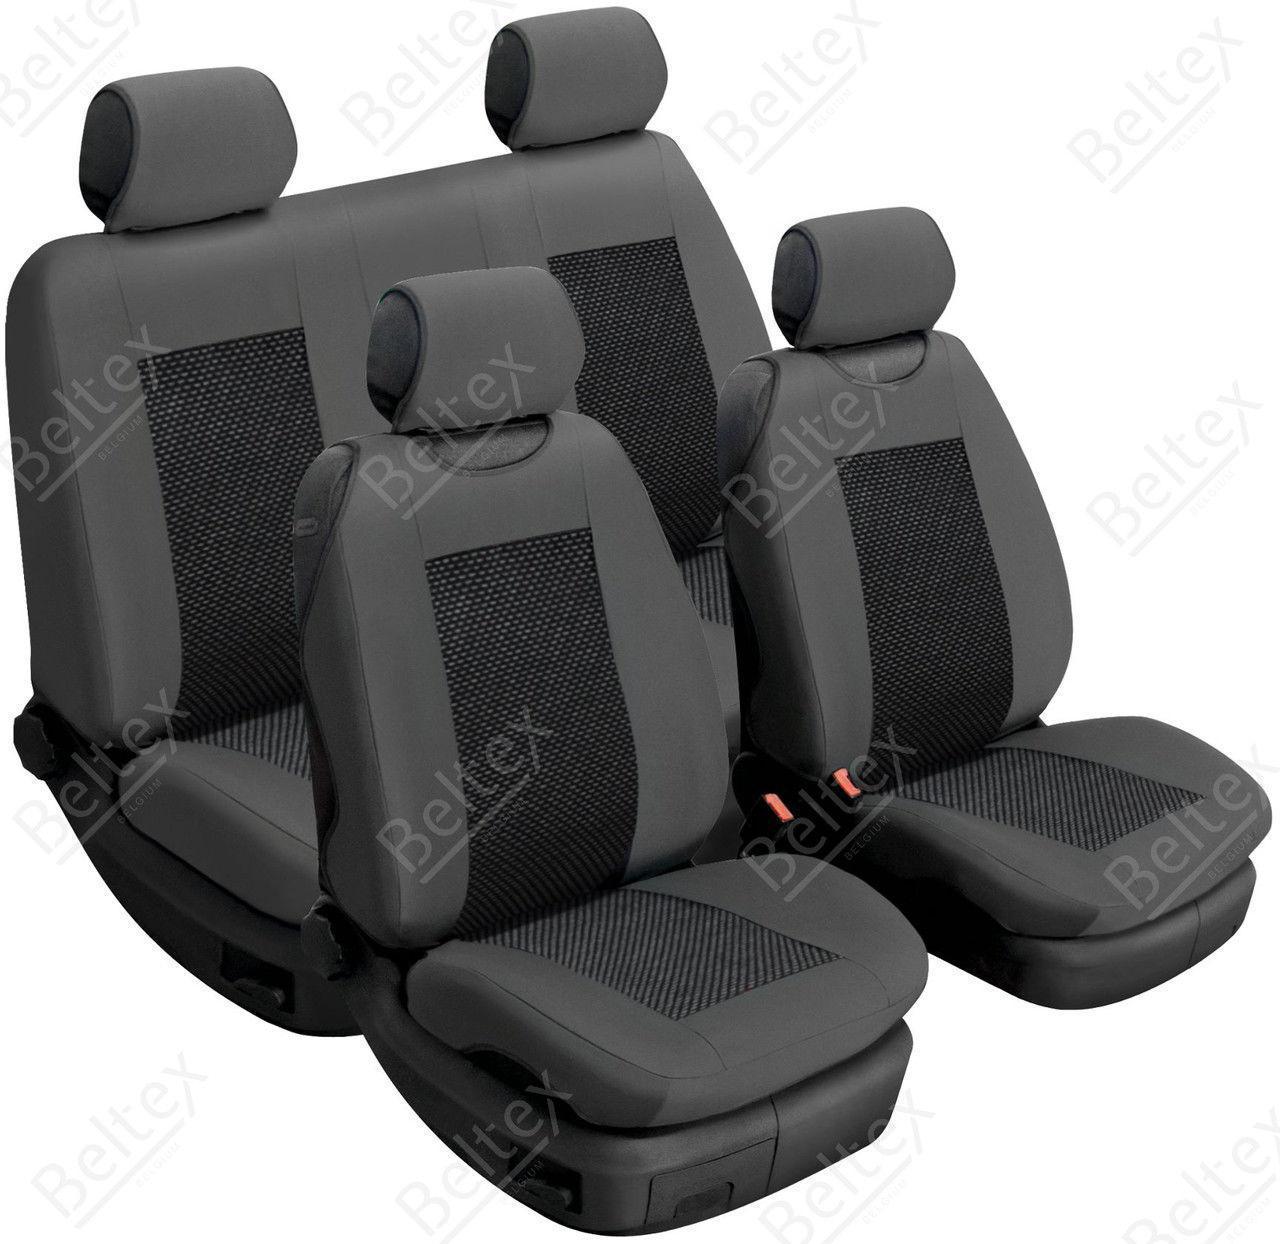 Майки/чехлы на сиденья Додж Калибер (Dodge Caliber)